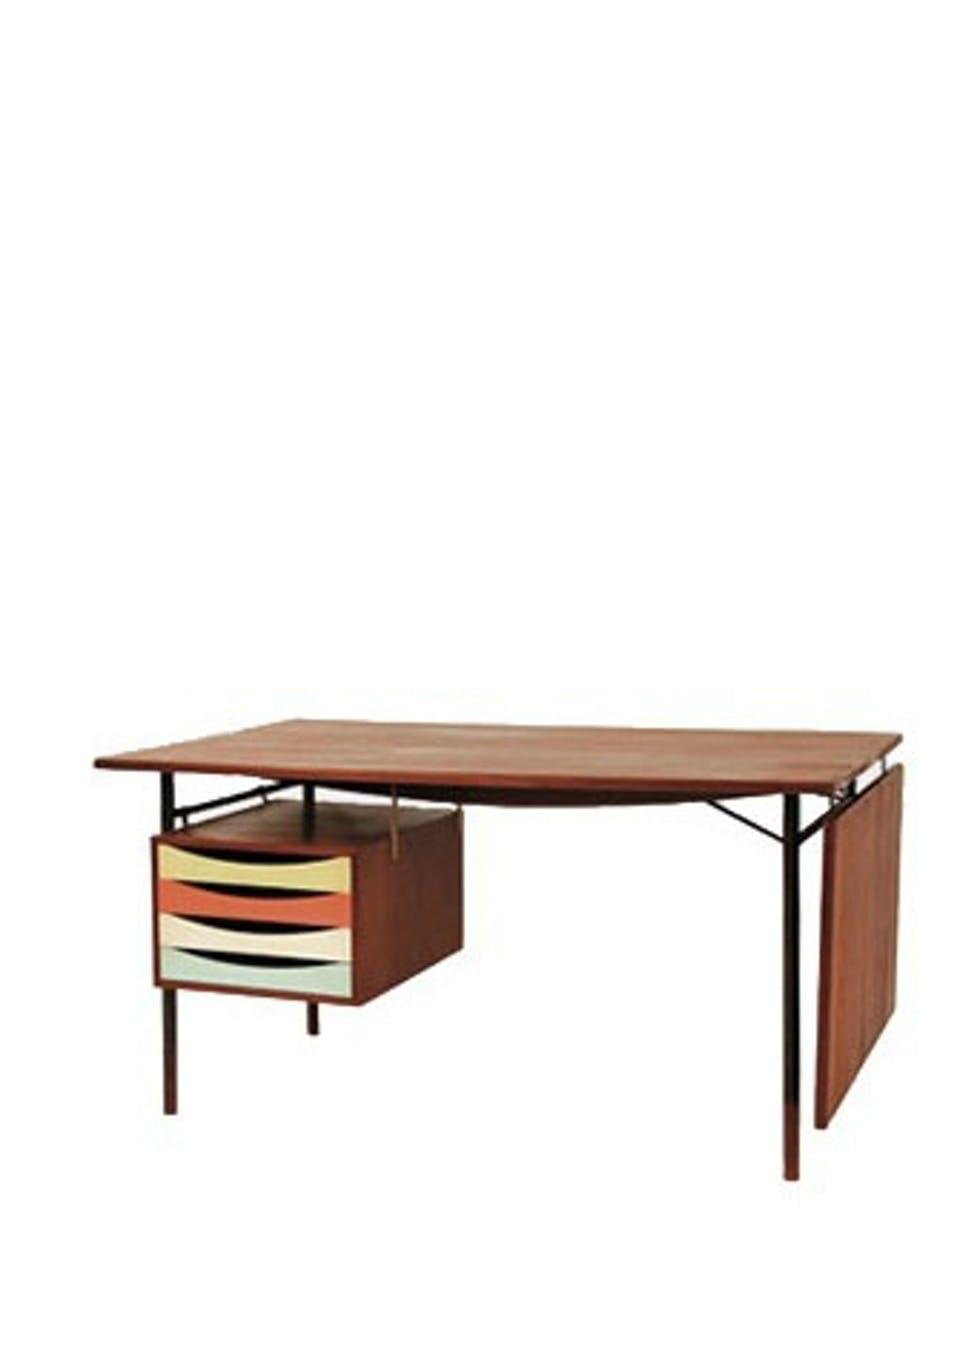 Finn Juhl skrivebord